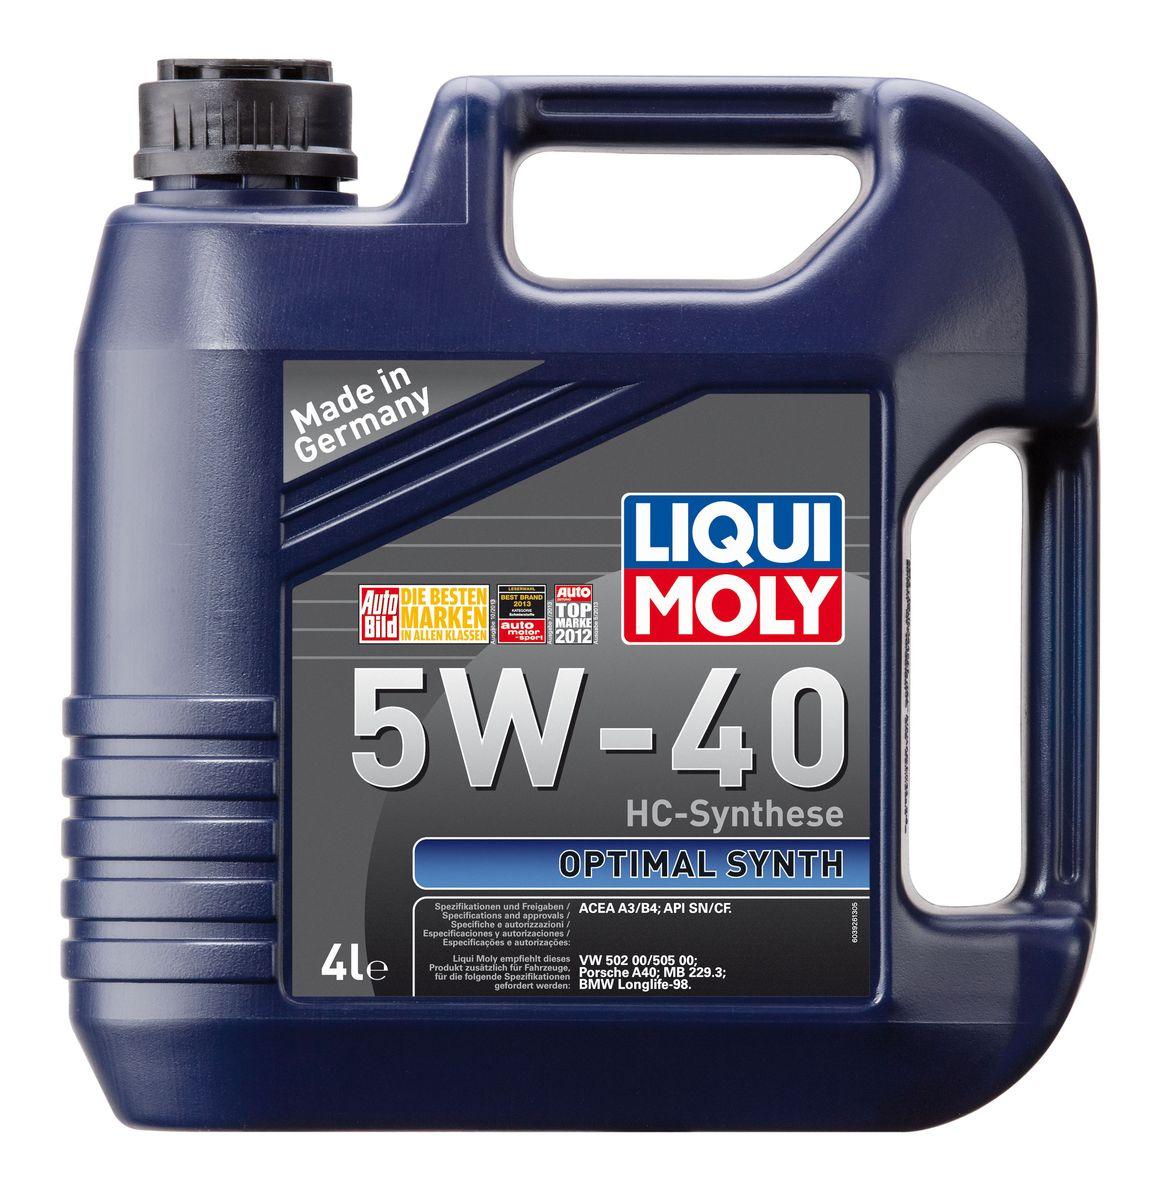 Масло моторное Liqui Moly Optimal Synth, НС-синтетическое, 5W-40, 4 л3926Масло моторное Liqui Moly Optimal Synth - это HC-синтетическое моторное масло с адаптированным для российских условий пакетом присадок. Благодаря новейшим технологиям синтеза и вязкости 5W-40 масло обеспечивает высокий уровень защиты и оптимальное смазывание деталей двигателя. Масло удовлетворяет современным международным стандартам API/ACEA. Масло создано на основе базовых компонентов, произведенных по технологии HC-синтеза, с учетом самых высоких требований, предъявляемых современными и мощными бензиновыми и дизельными двигателями. Оно обеспечивает отличную смазку при любых условиях эксплуатации. Одновременно снижается до минимума трение, в результате чего уменьшается расход топлива. Особенности: - Быстрое поступление масла к деталям двигателя при низких температурах - Надежная защита от износа - Низкий расход масла - Оптимальная чистота двигателя - Экономия топлива и снижение вредных выбросов - Проверено на турбированных двигателях...